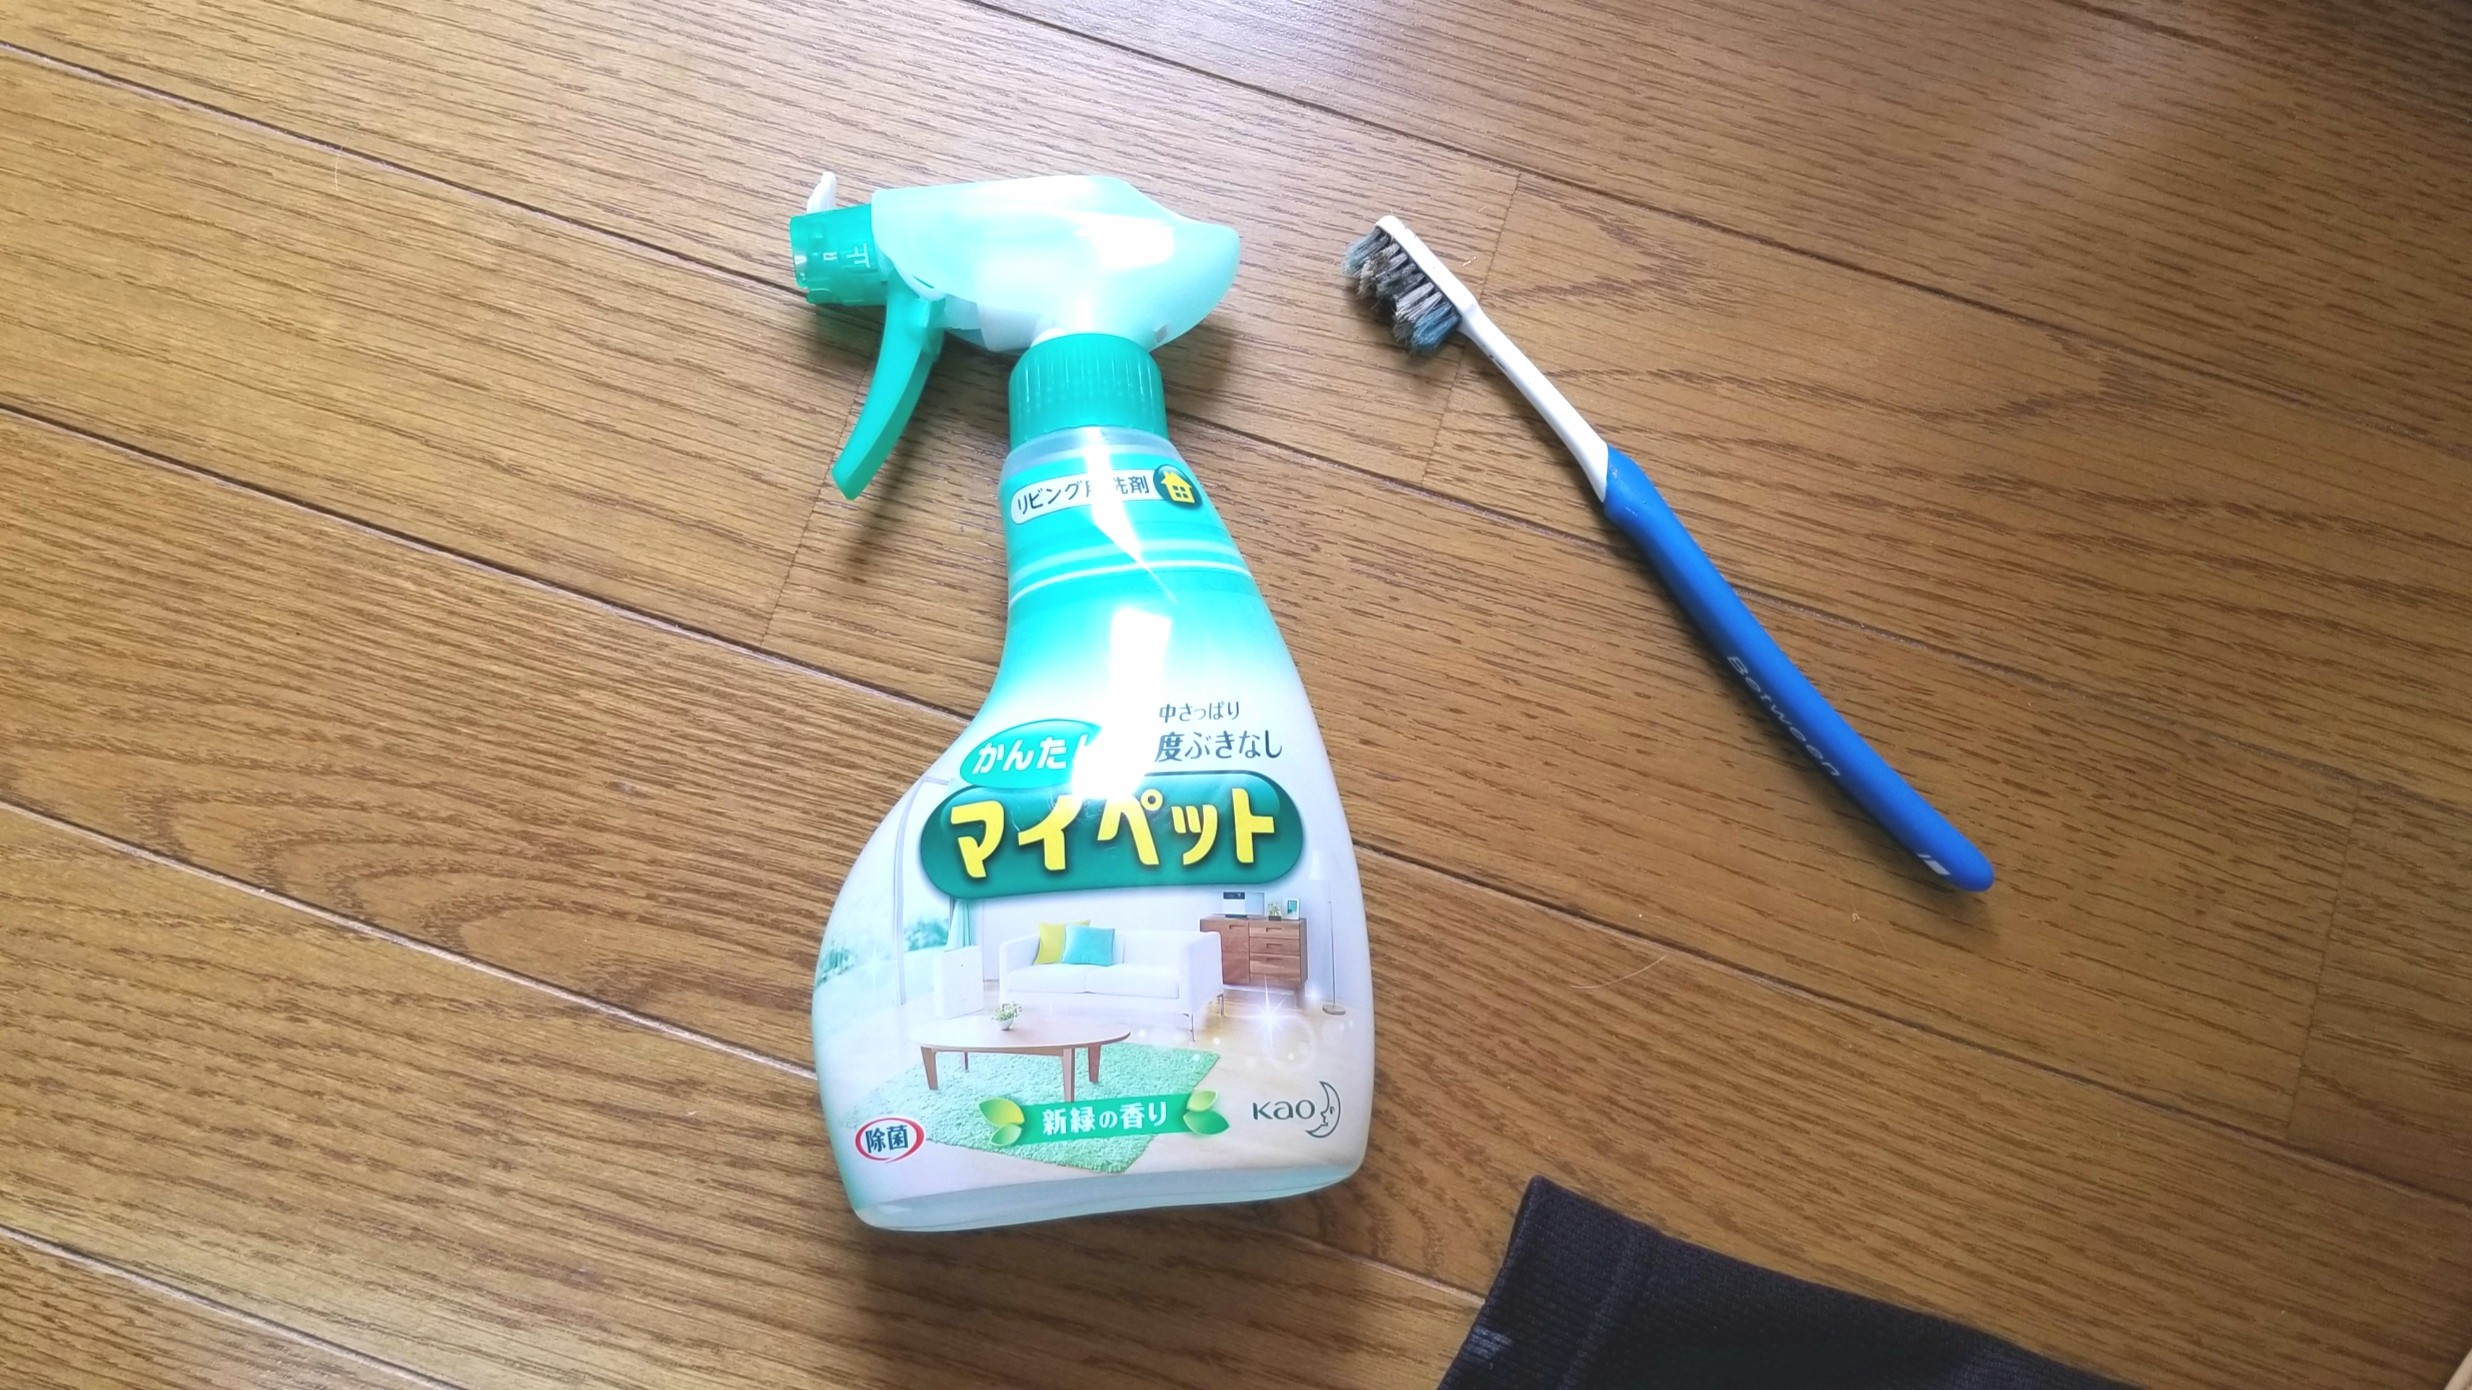 部屋の大掃除,掃除の仕方,便利アイテム,かんたんマイペット洗剤